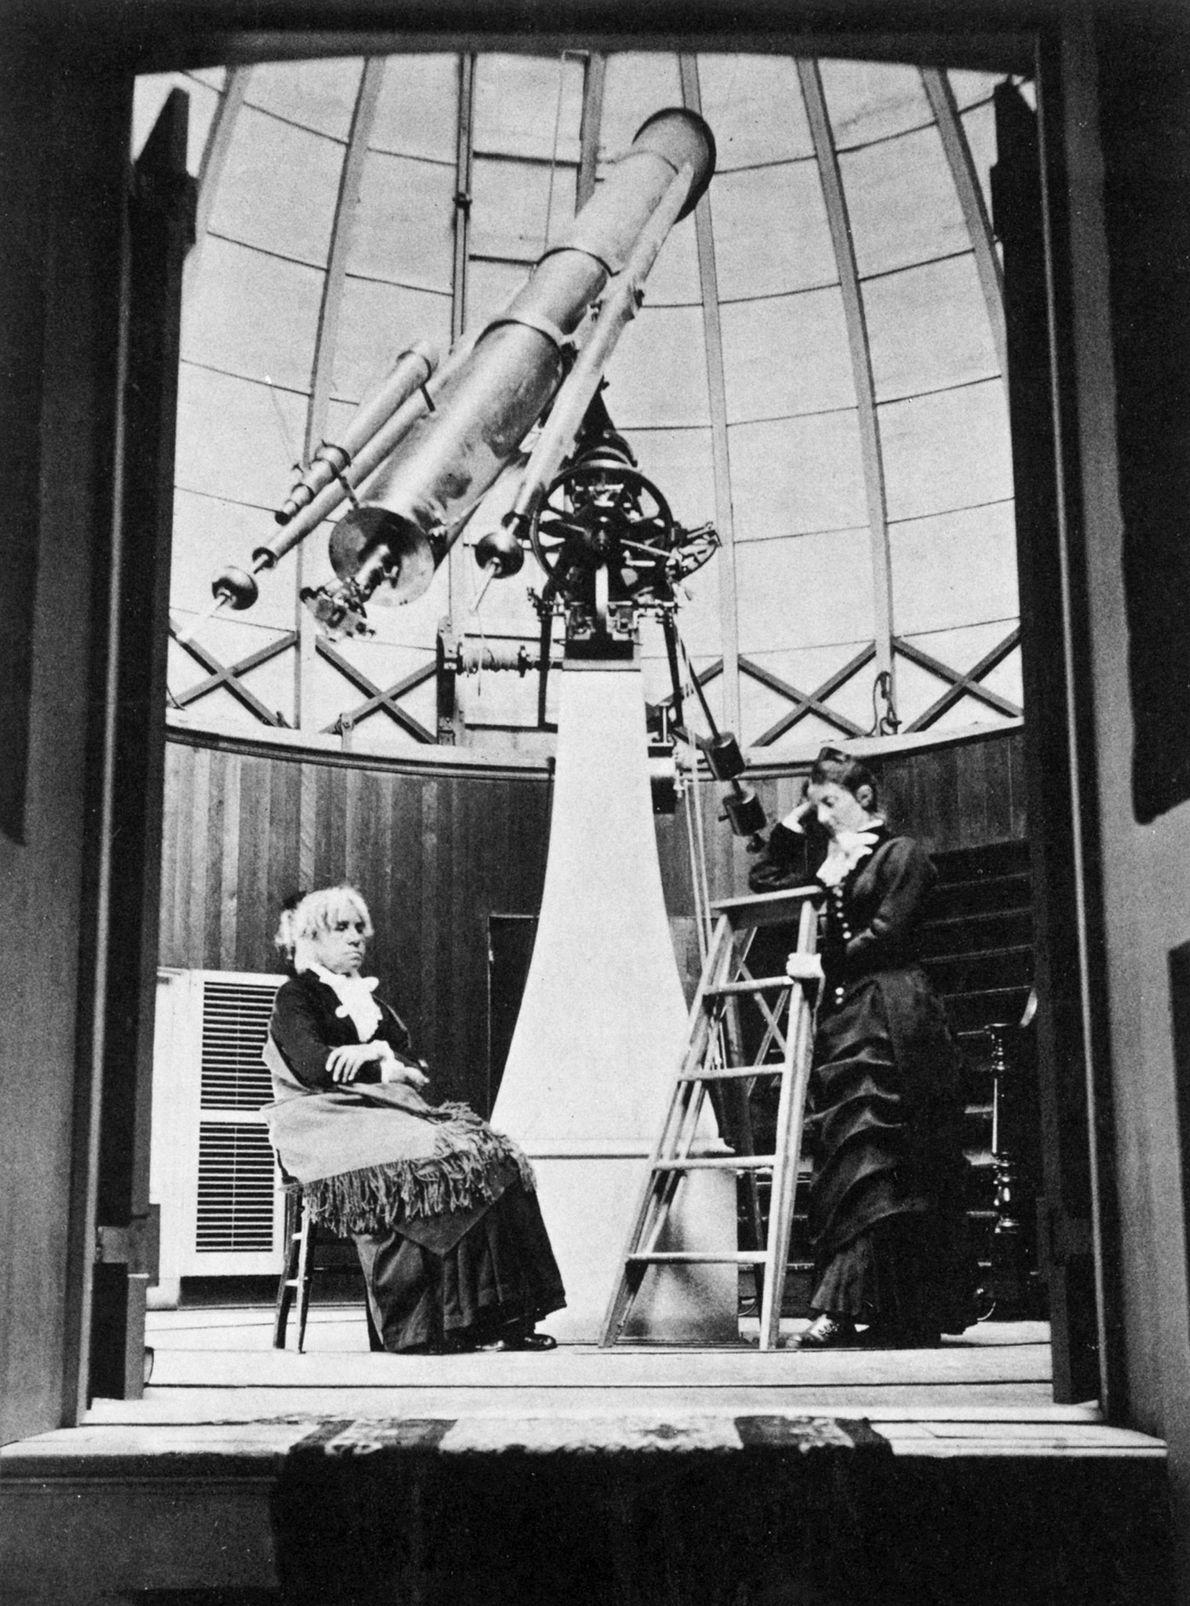 María Mitchell fue la primera mujer estadounidense en trabajar como astrónoma. En 1847, descubrió un cometa ...